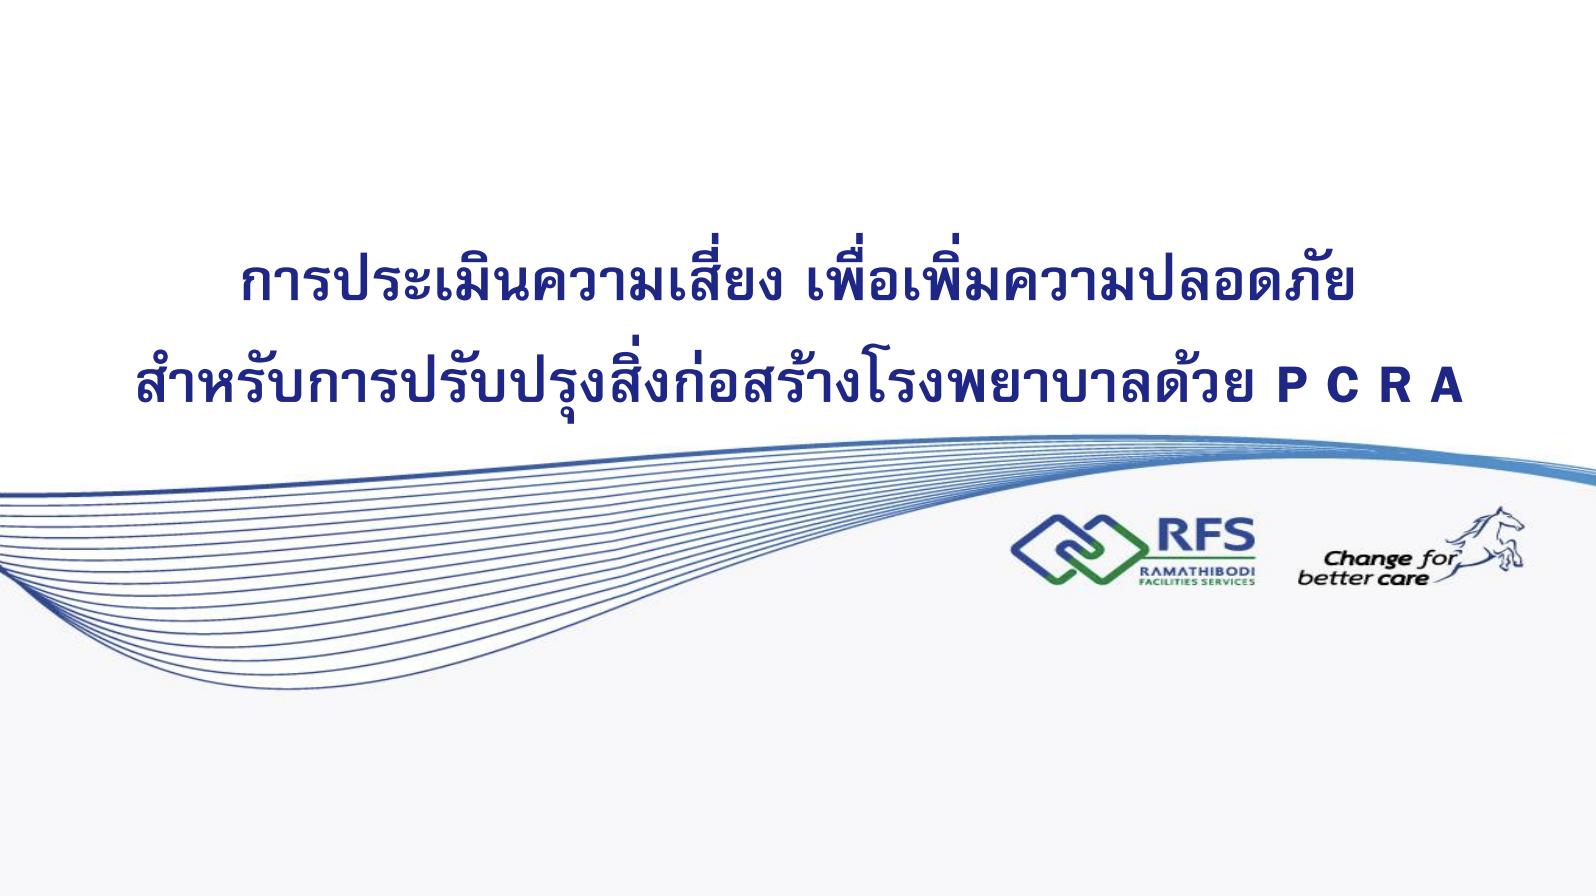 การประเมิณความเสี่ยงเพื่อเพิ่มความปลอดภัยสำหรับการปรับปรุงสิ่งก่อสร้างโรงพยาบาลด้วย PCRA